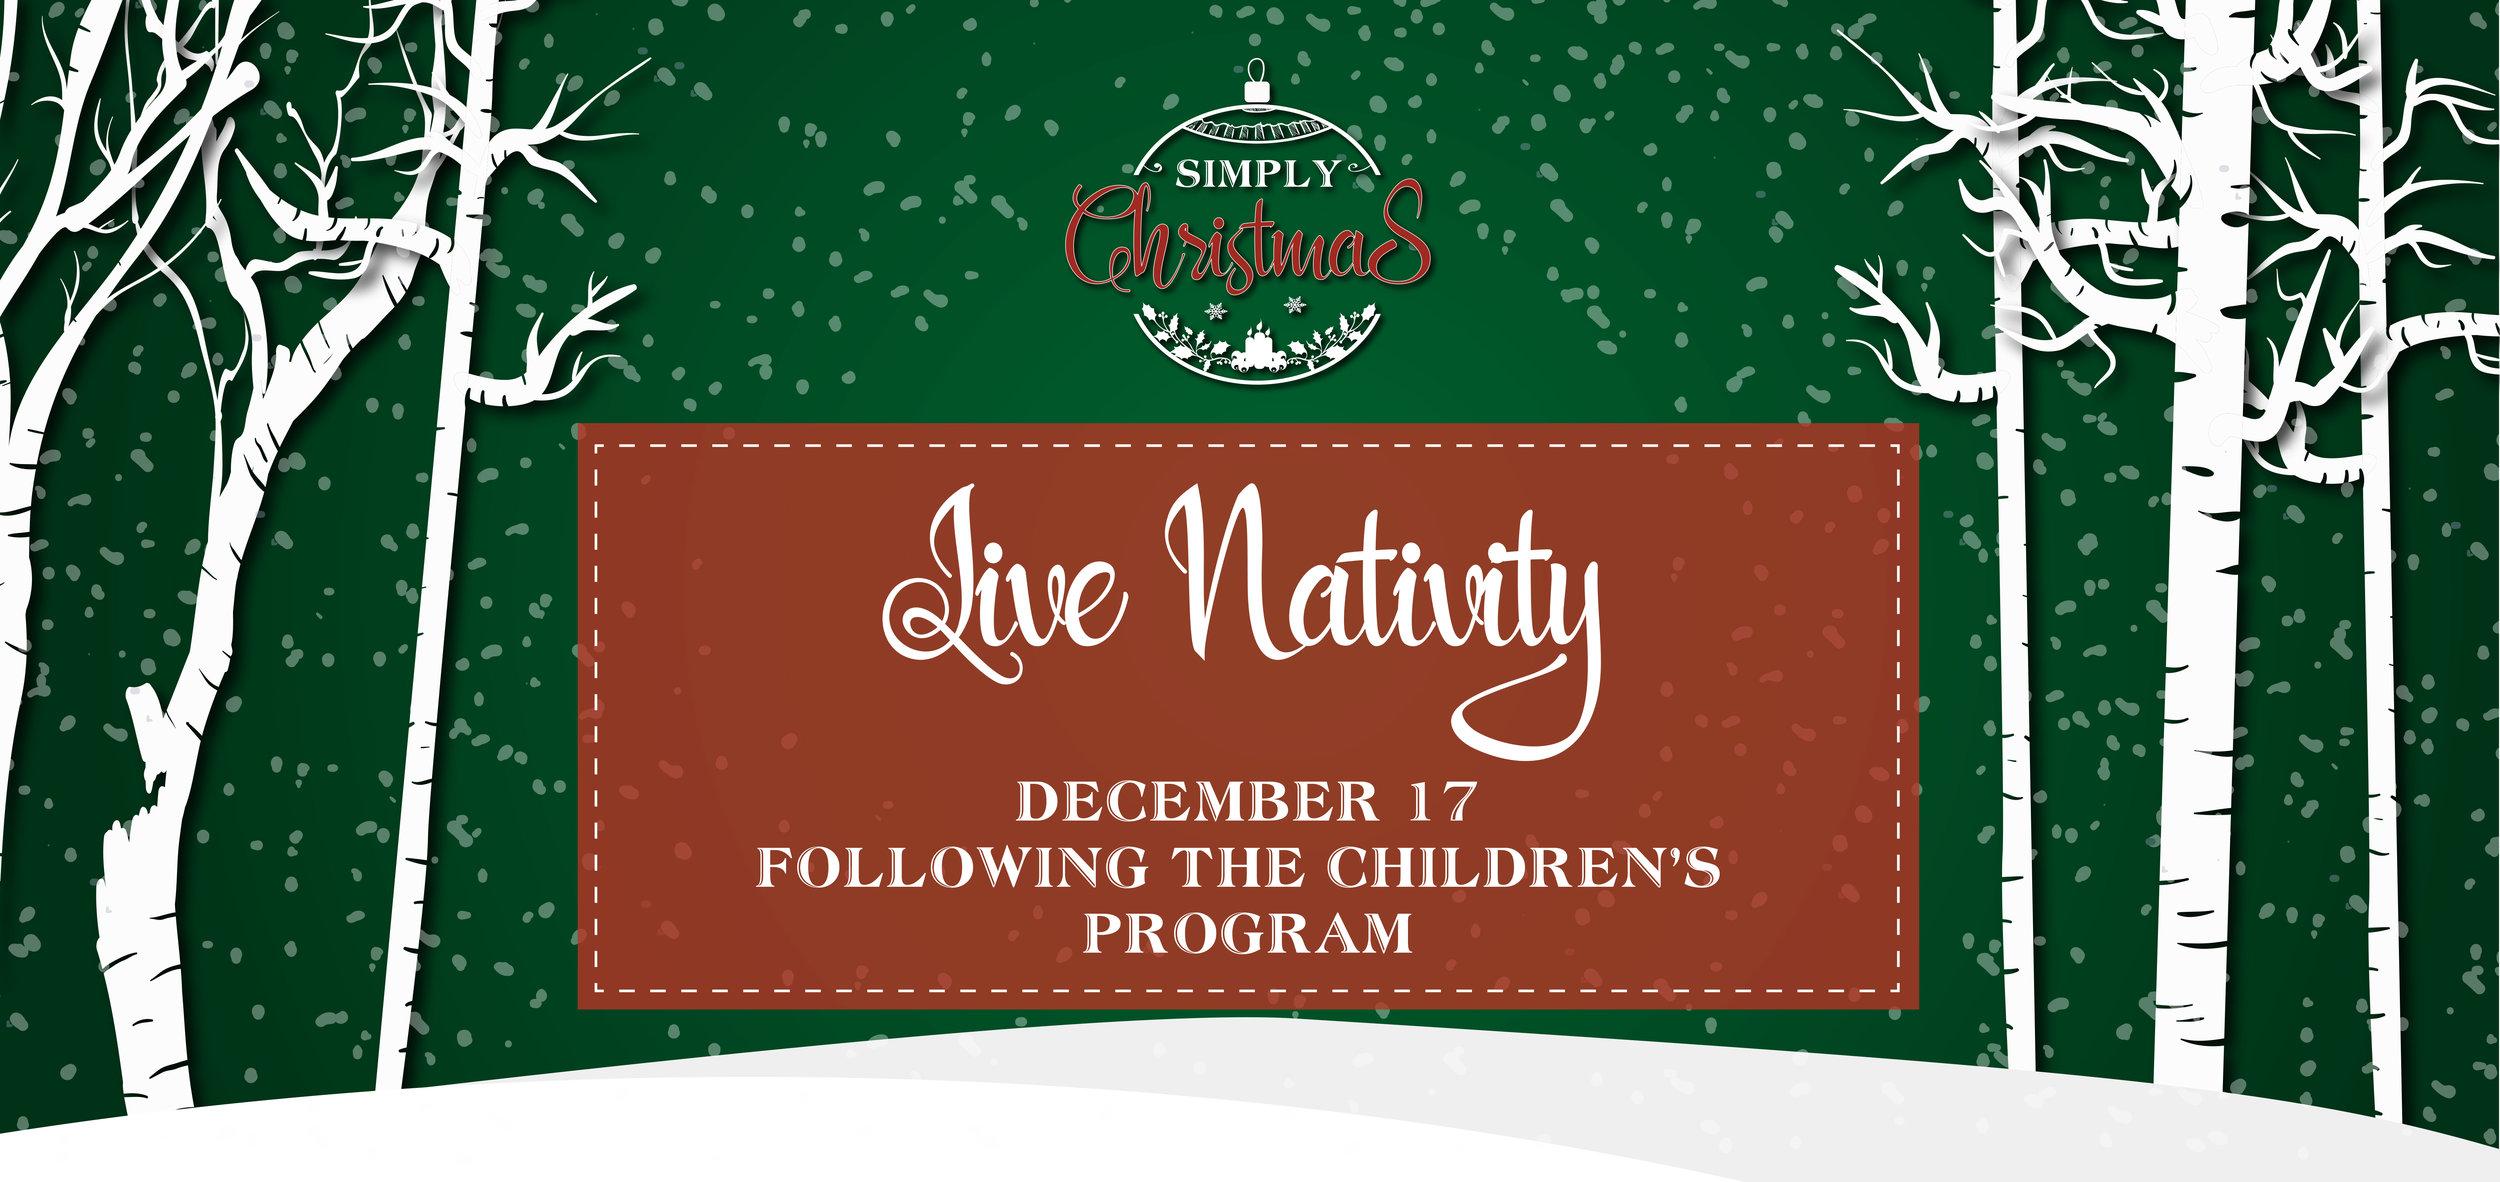 Christmas-17-Live-Nativity.jpg